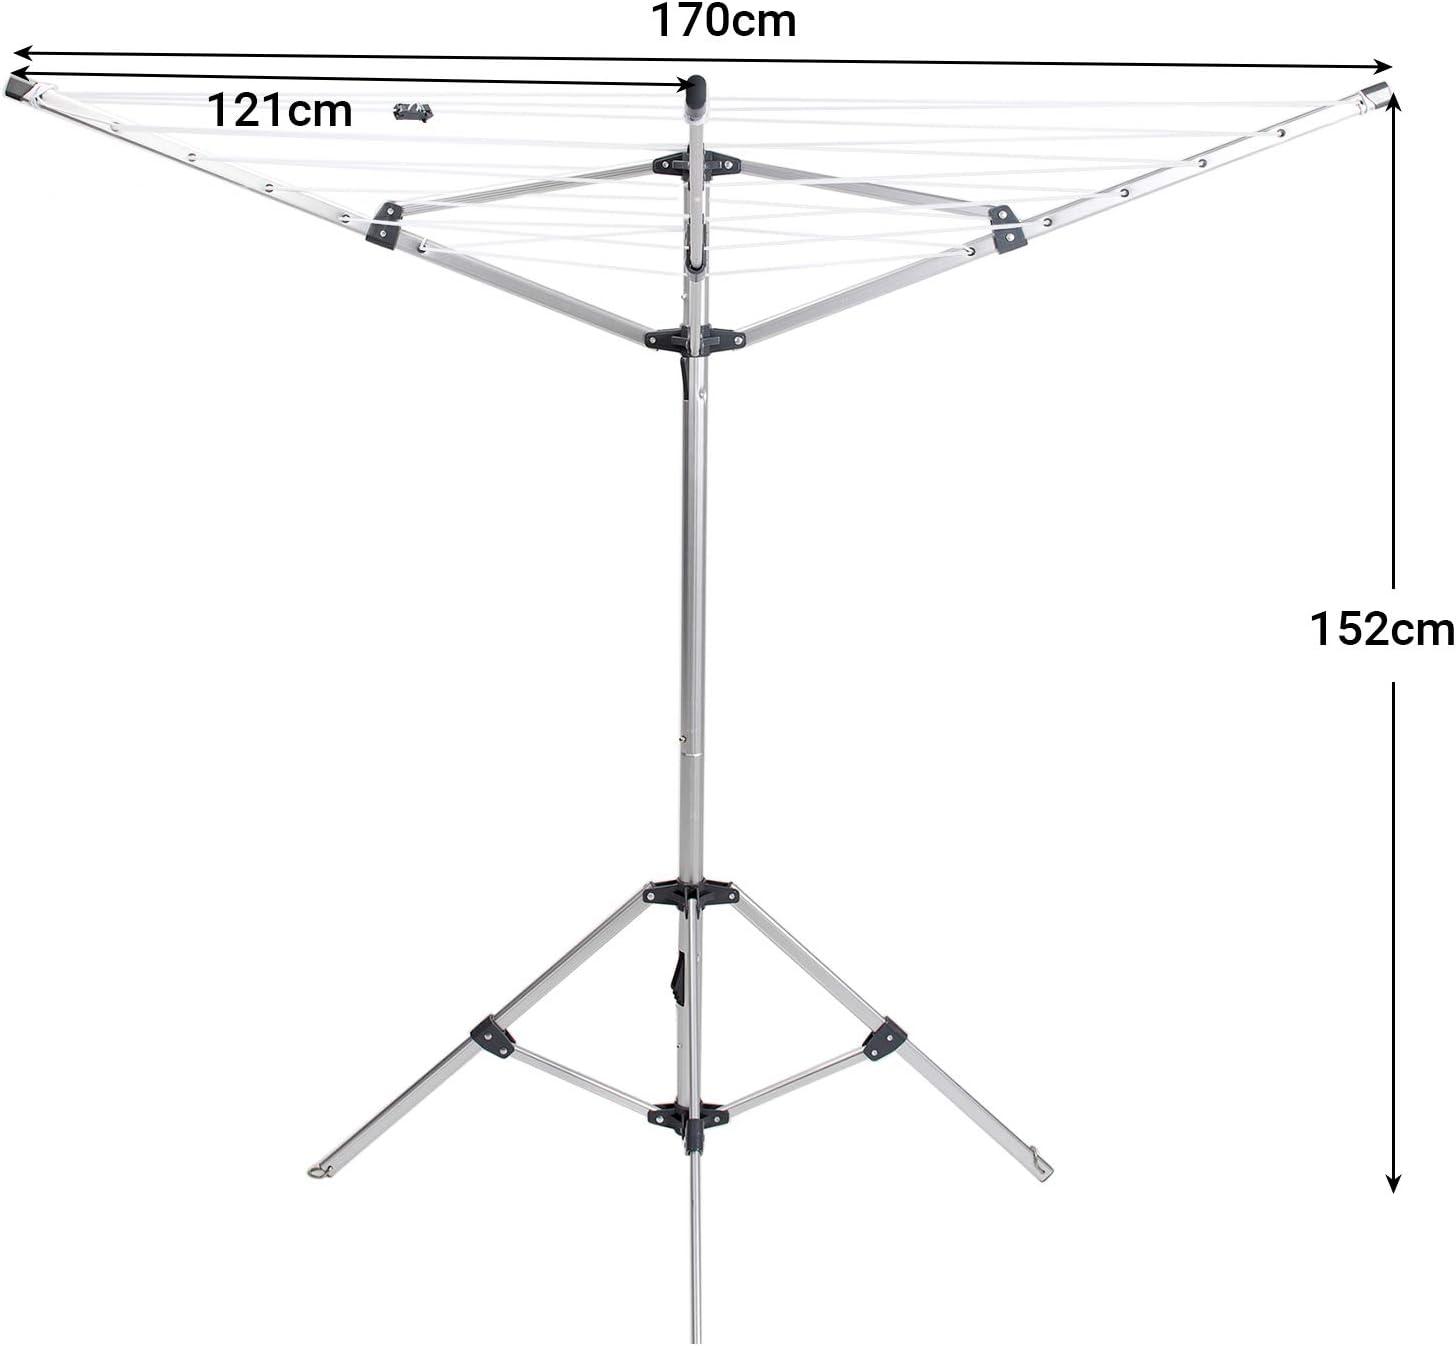 Klappbar Mobiler Duomatic W/äscheschirm mit Standfu/ß f/ür Balkon Camping Garten Drynatural Stand W/äschespinne 20m W/äscheleine